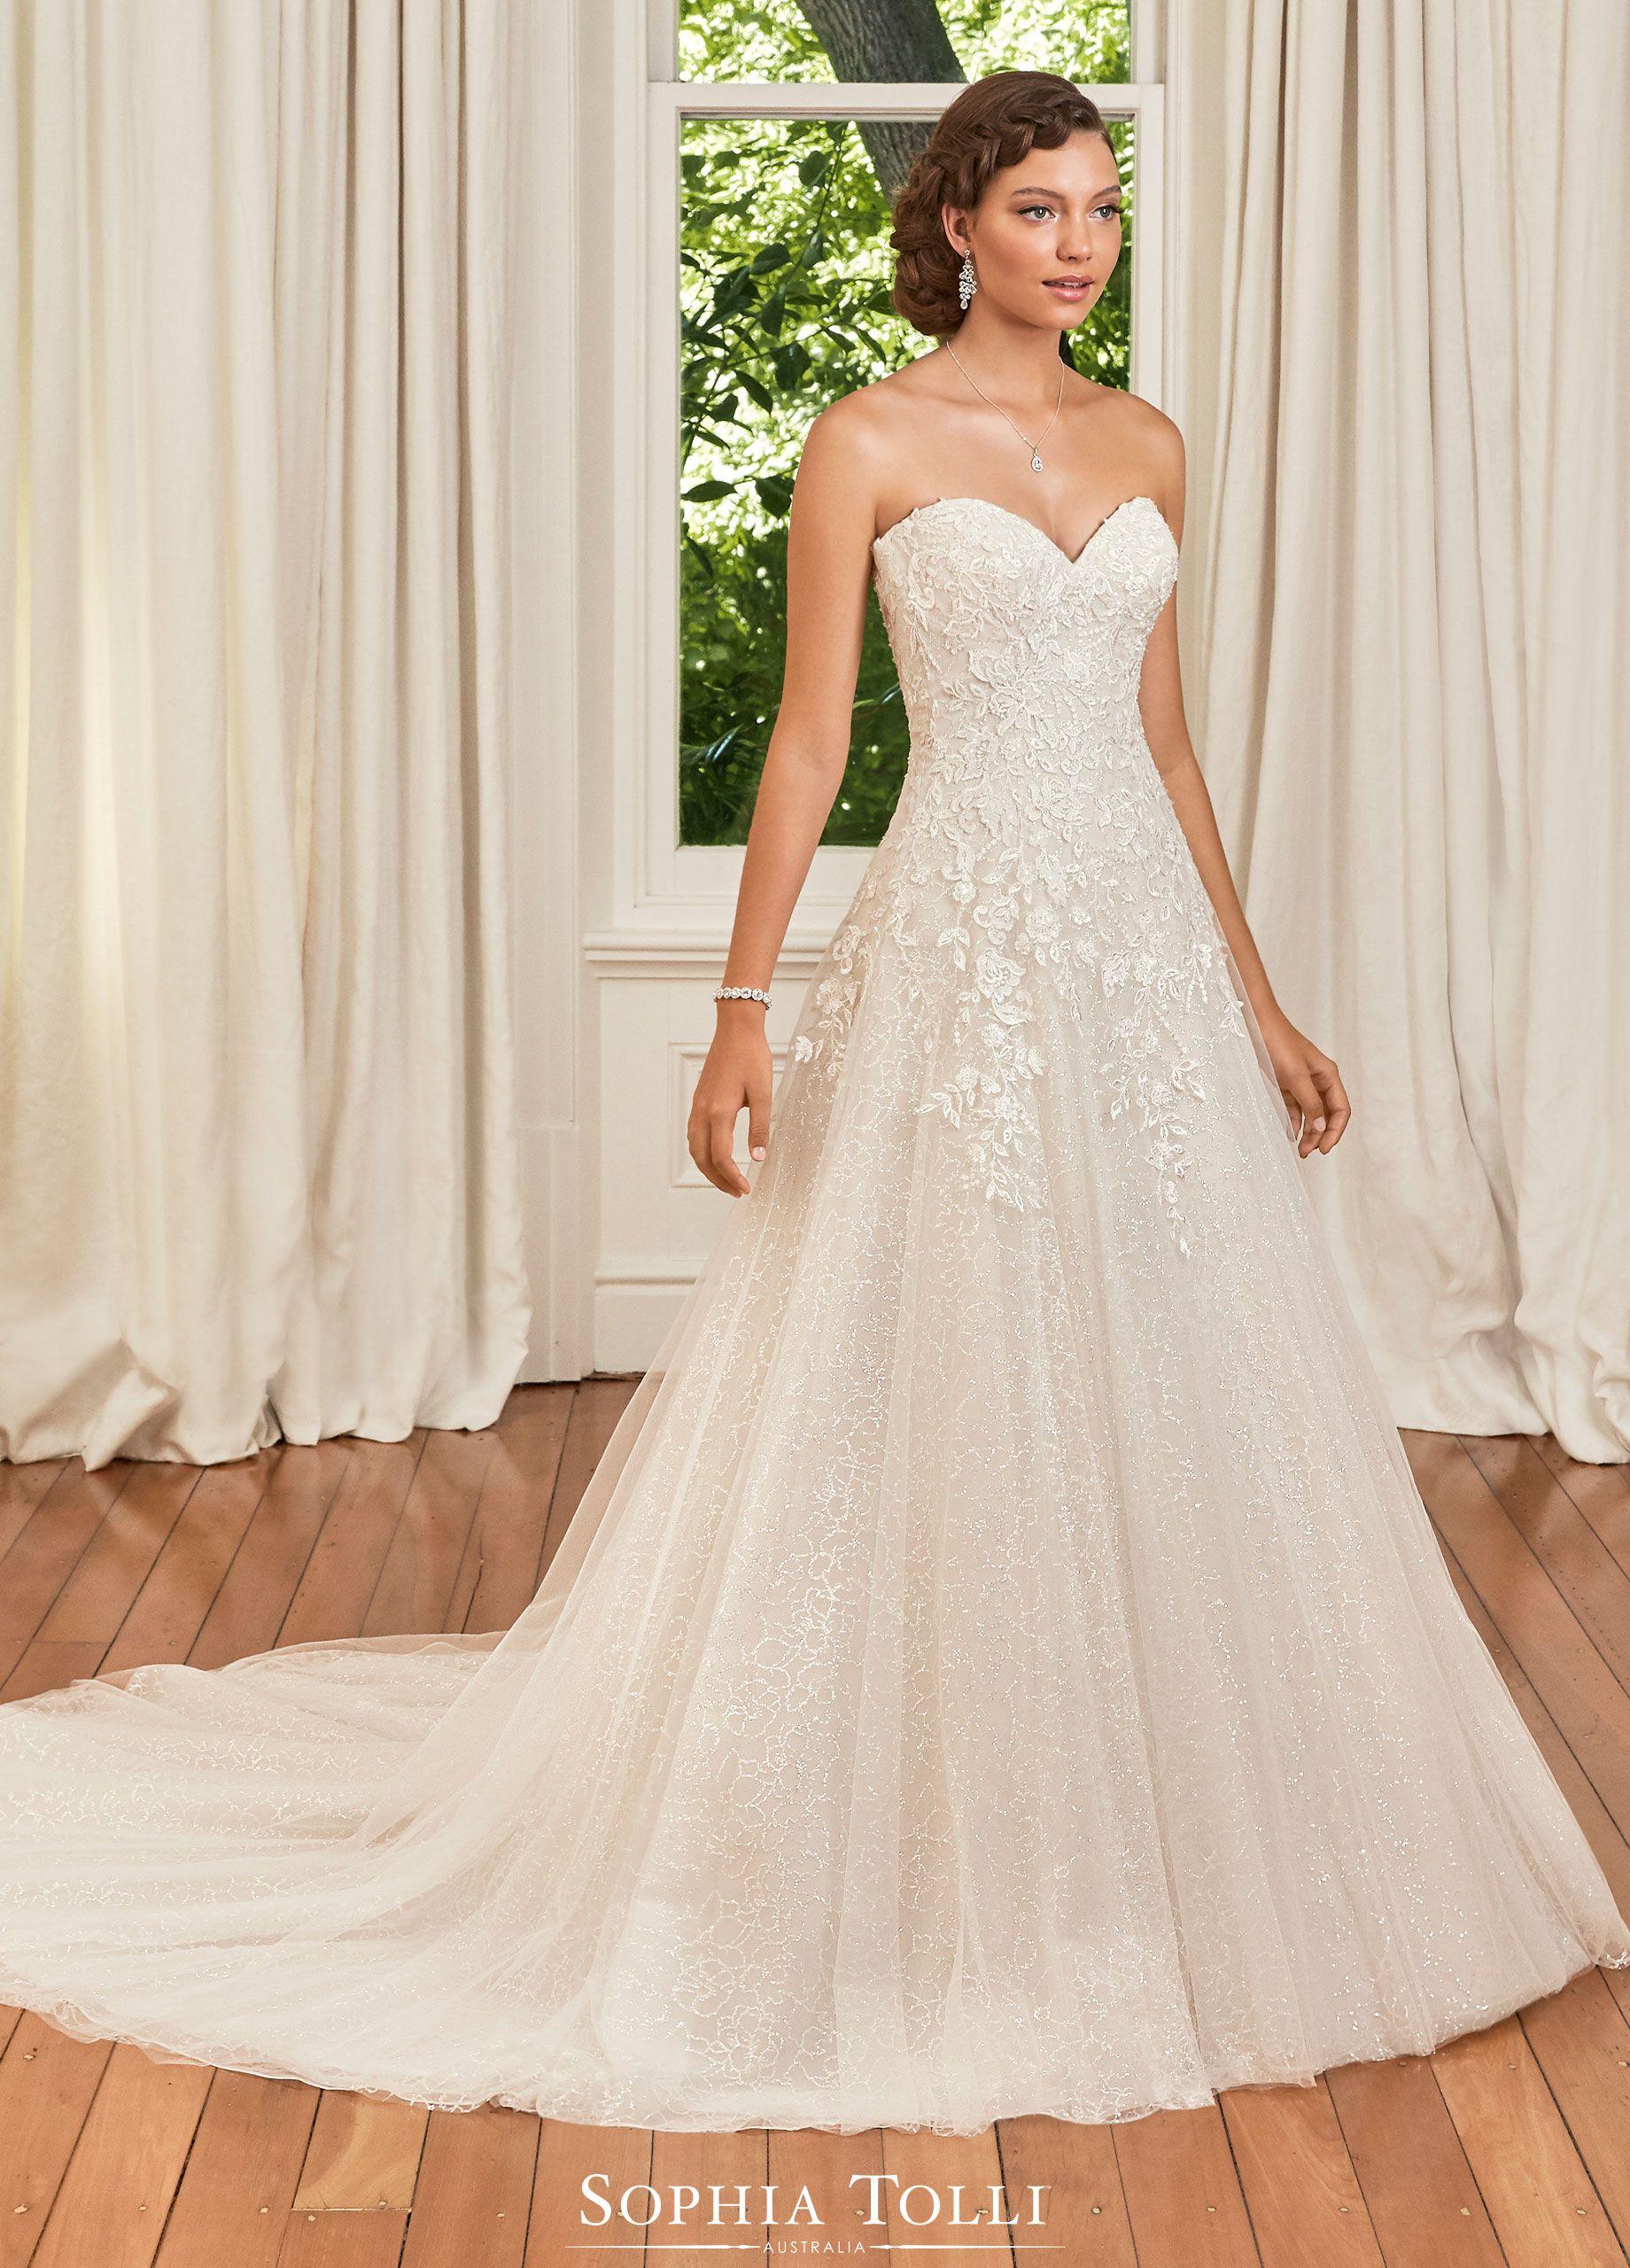 Sophia Tolli Wedding Gowns Y21992 Avery In 2020 Simple Wedding